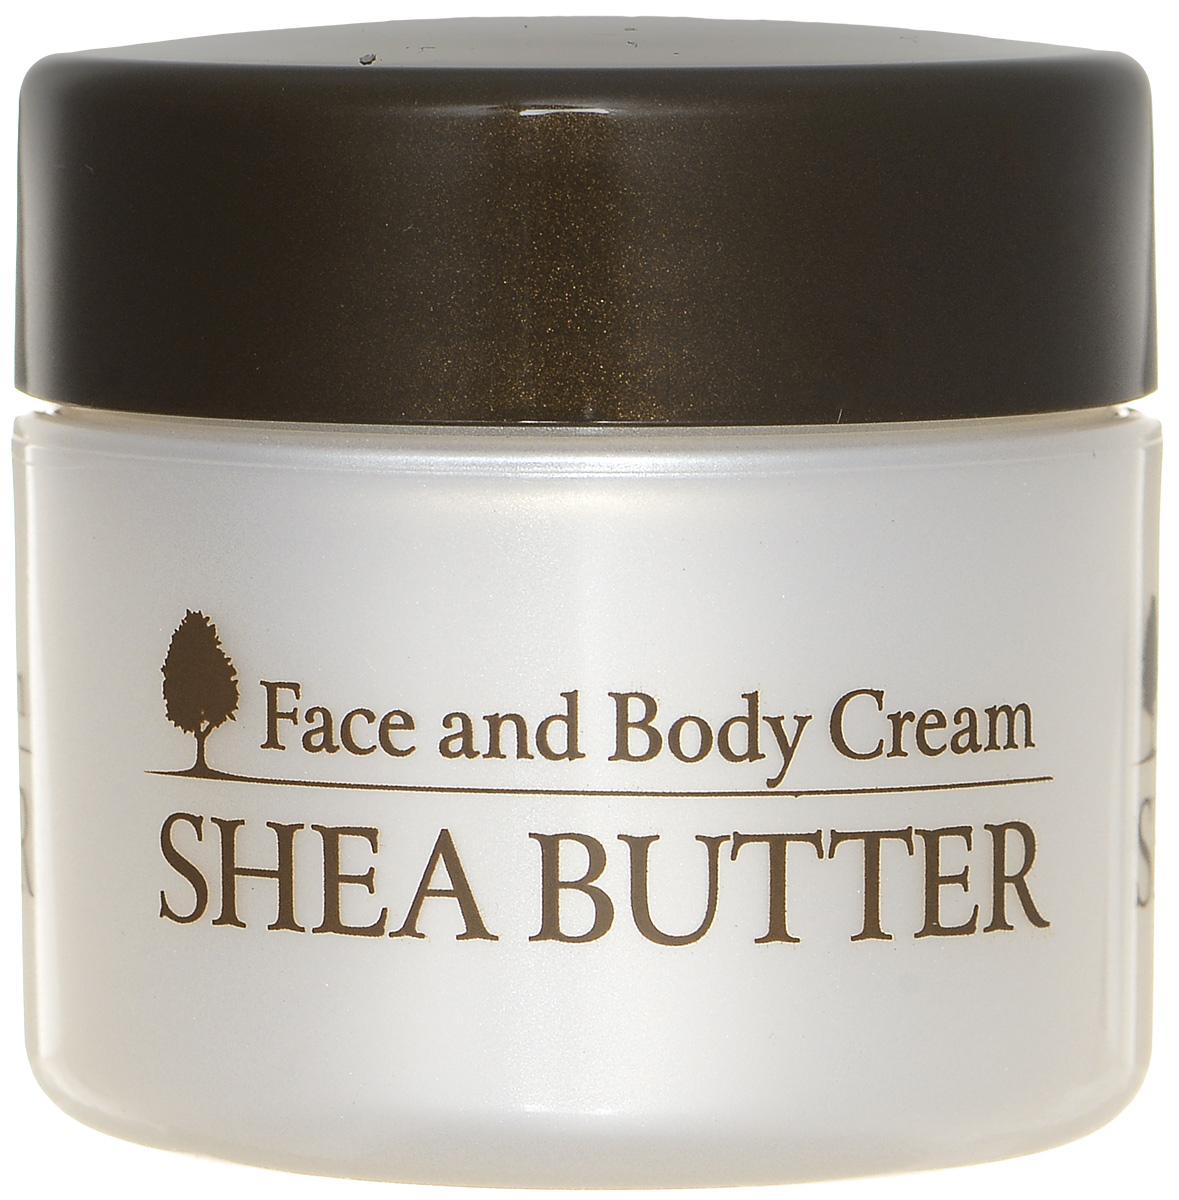 Meishoku Крем для очень сухой кожи лица с маслом дерева Ши, 30 г164187Крем, содержащий 100% масло Ши, рекомендуется для очень сухой, обезвоженной кожи, склонной к шелушению. Сохраняя влагу в течение долгого времени, защищает кожу от высыхания. Обладая густой текстурой, крем легко наносится, не оставляя ощущения липкости. Смягчает кожу, насыщает влагой, делает ее гладкой, нежной и мягкой. Масло Ши - превосходный защитный и смягчающий компонент. Предохраняет кожу от высыхания; замедляет старение кожи; обладает регенерирующими свойствами, активизируя синтез коллагена; защищает кожу от УФ-лучей; является источником витаминов А и Е. Рафинированные природные масла эвкалипта, лимона и апельсина придают крему естественный растительный аромат. Крем имеет низкую кислотность. Не содержит ароматизаторов, синтетических красителей, спирта.